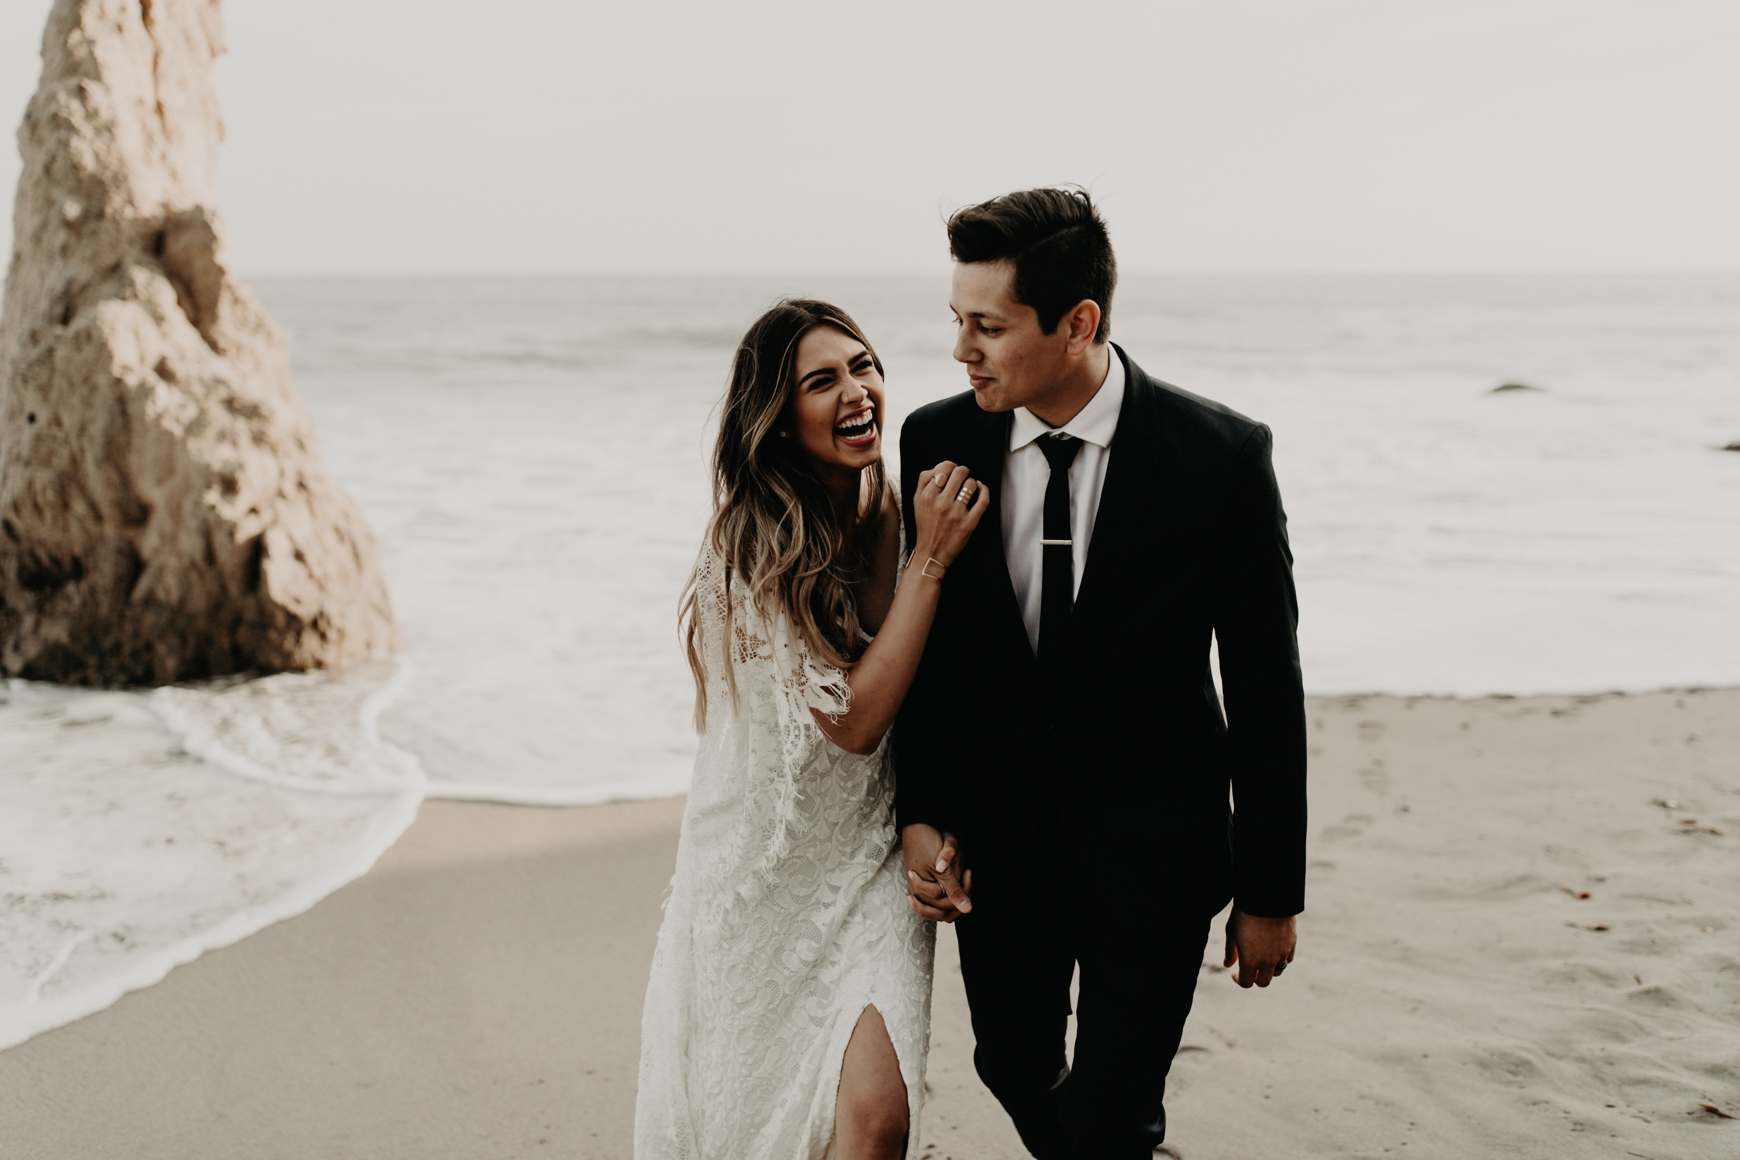 El Matador Beach Bridal Portraits Justellen & TJ Emily Magers Photography-197Emily Magers Photography.jpg